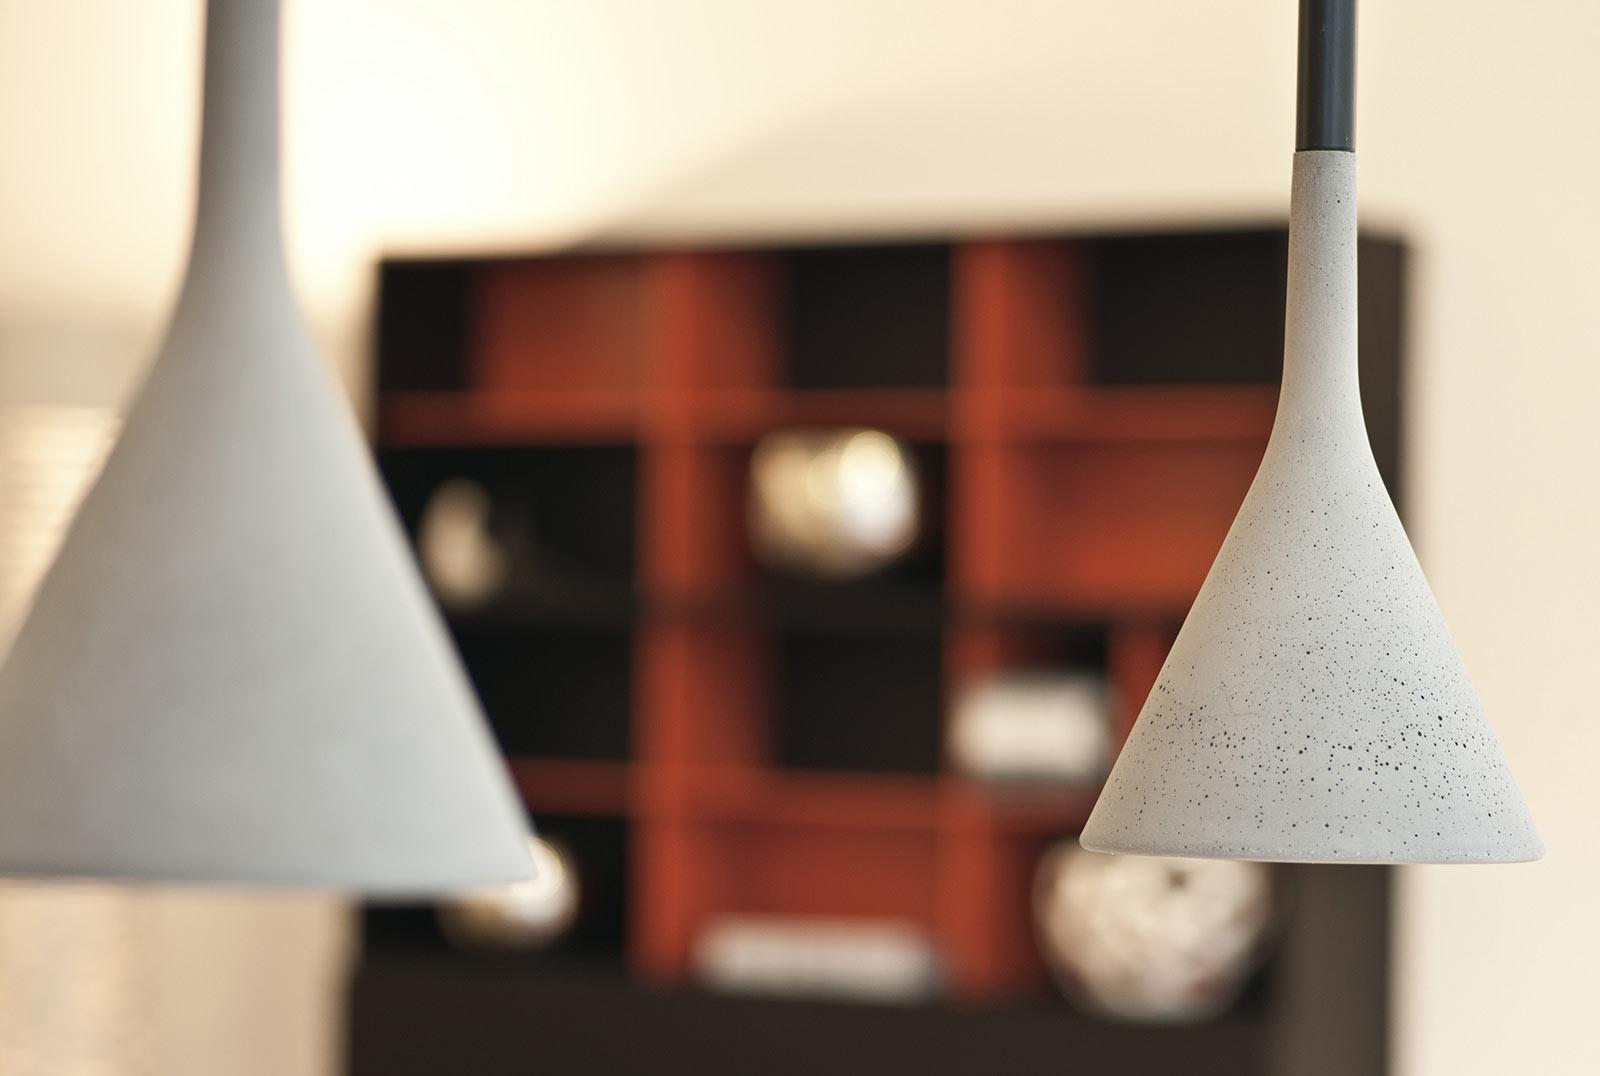 accueil meubles design mobilier et luminaires del mont porrentruy moutier jura suisse. Black Bedroom Furniture Sets. Home Design Ideas